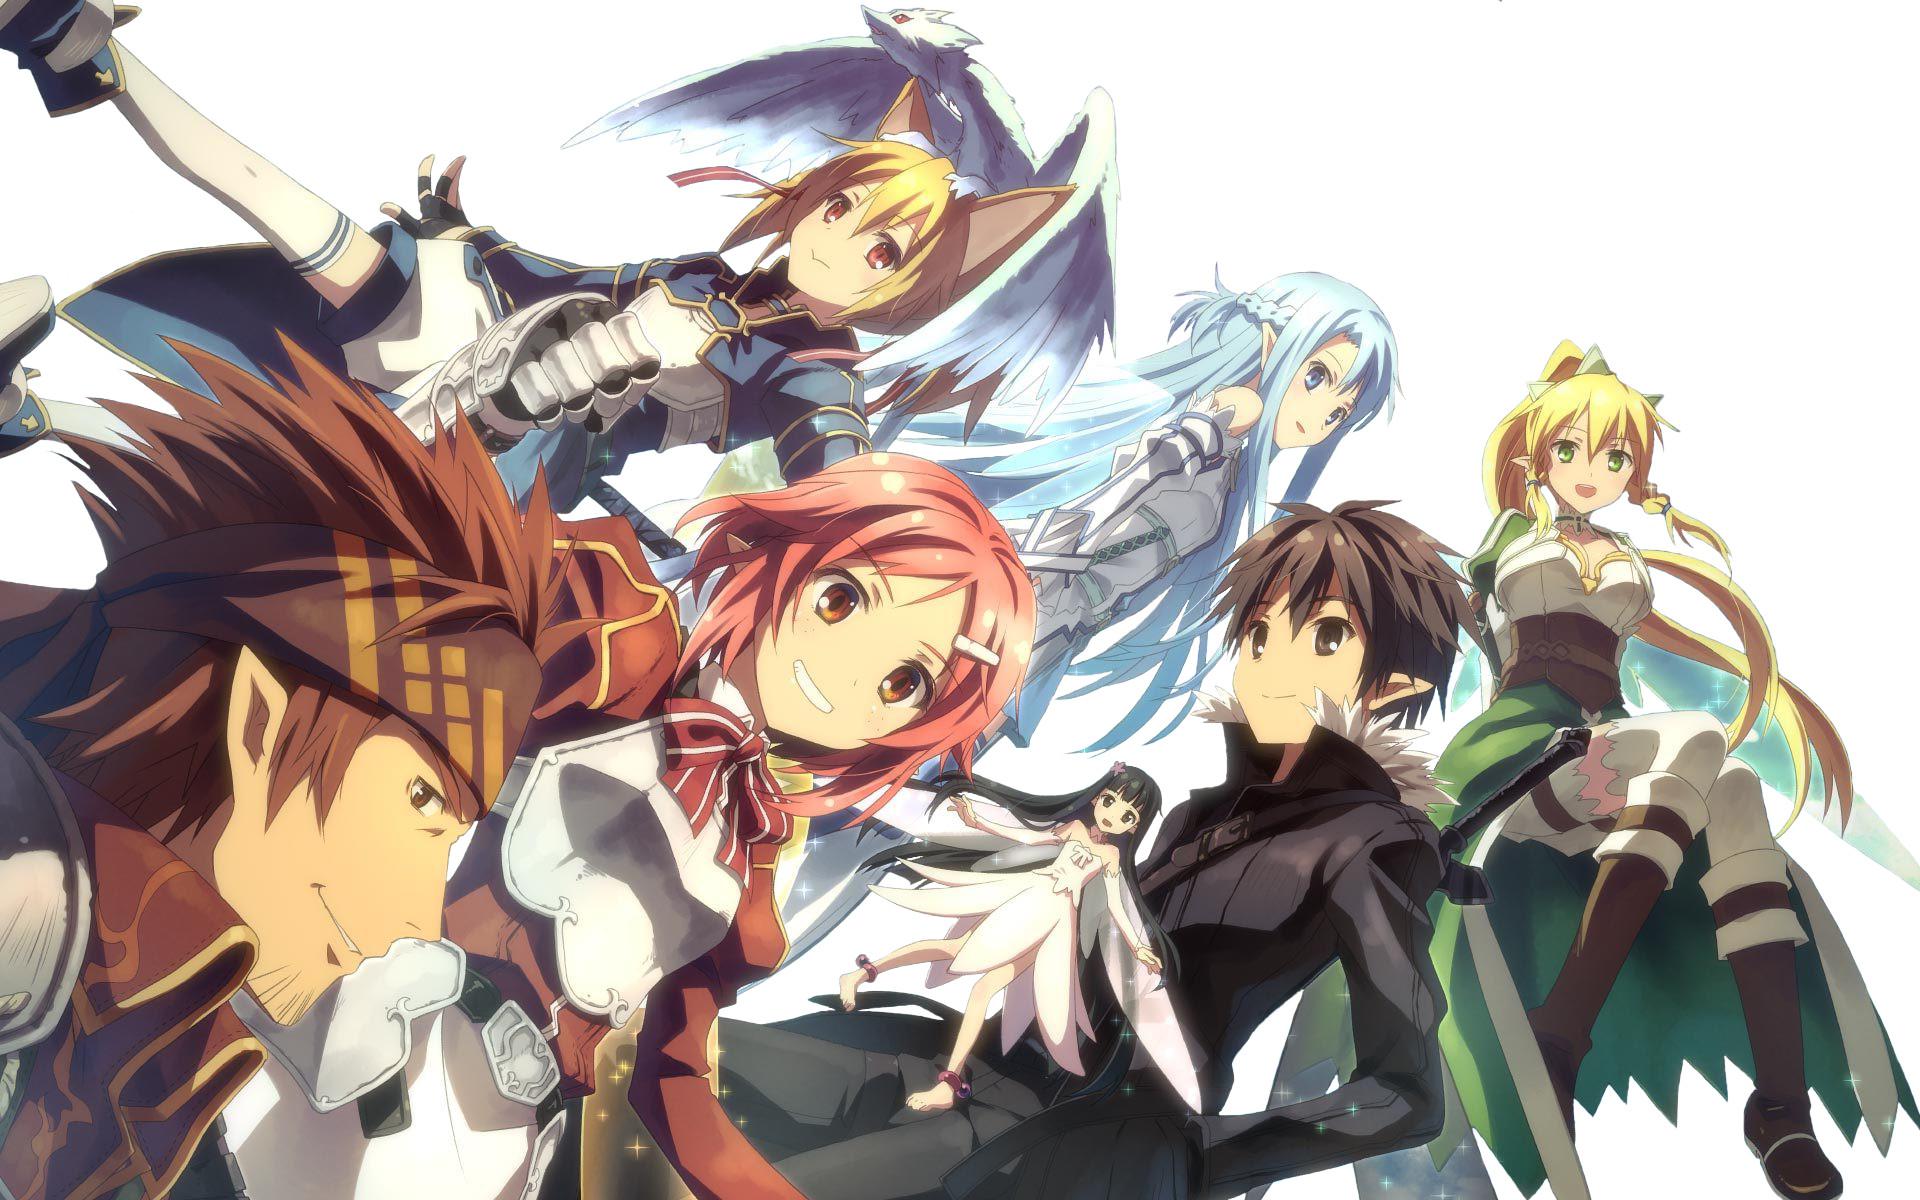 Anime – Sword Art Online II Silica (Sword Art Online) Kirito (Sword Art